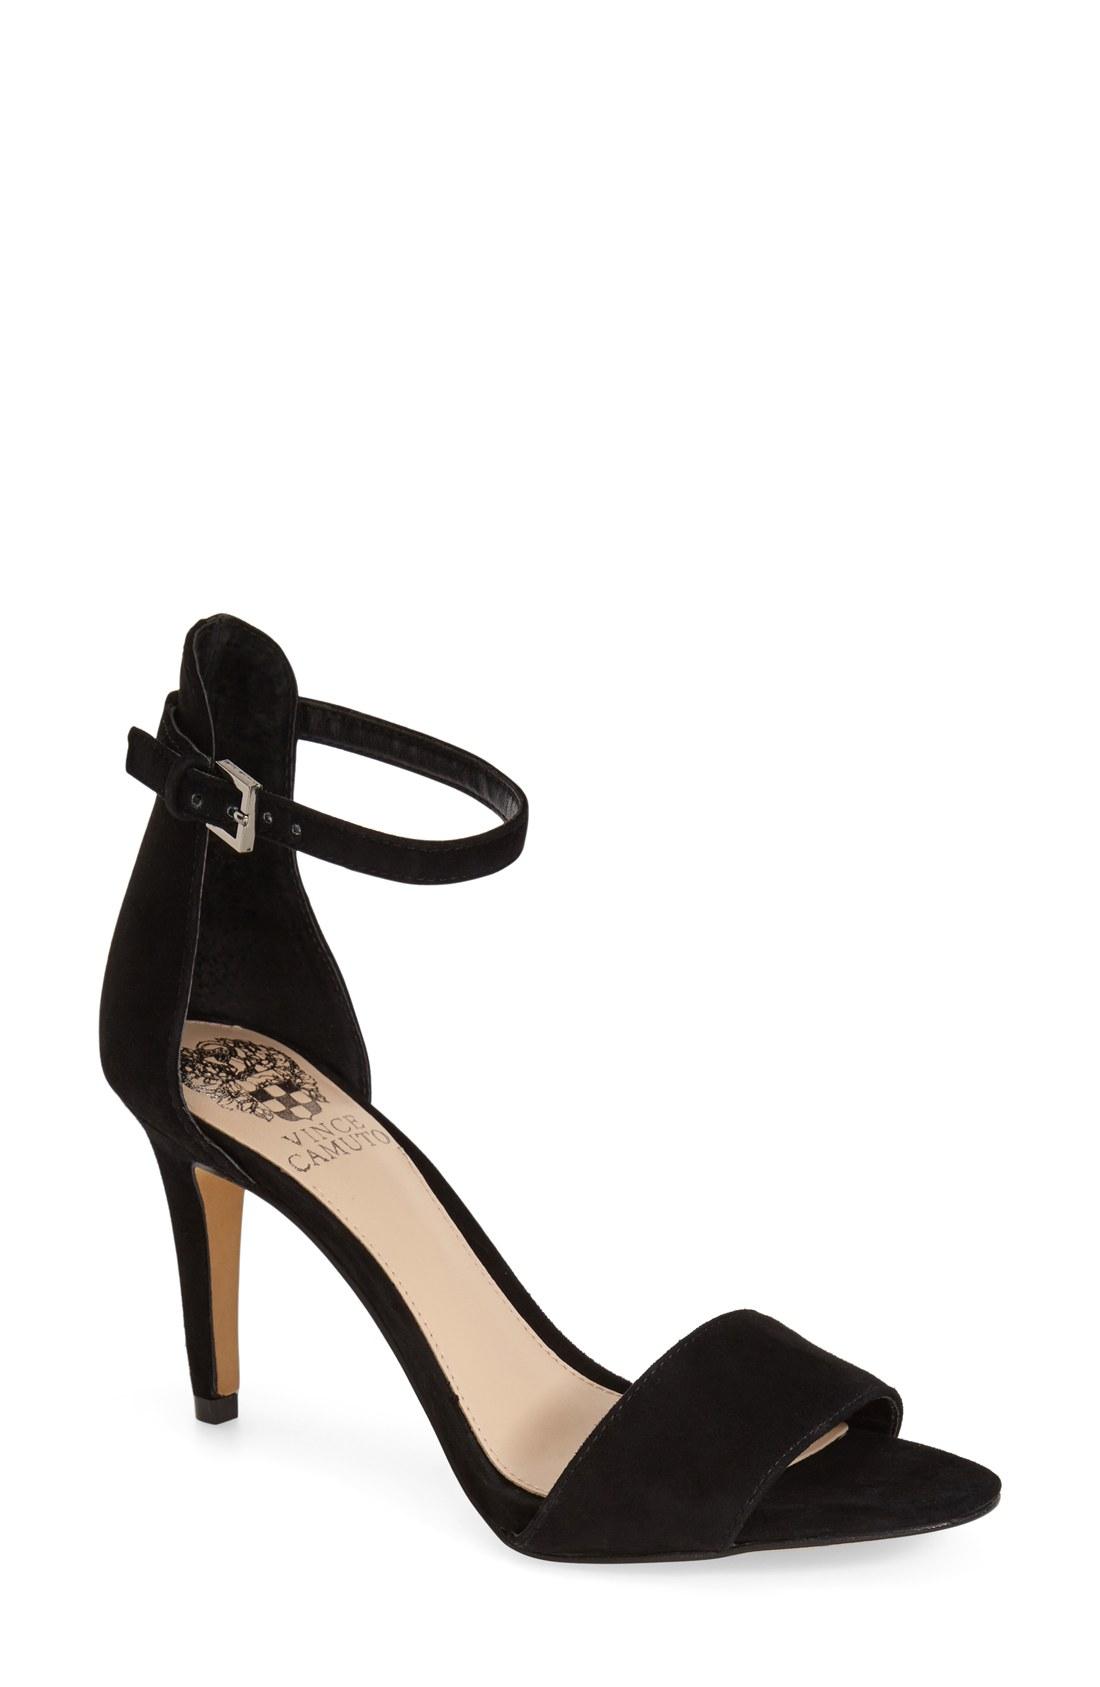 3eedcebc4d9 Vince Camato COURT Ankle Strap Sandals BLACK SUEDE